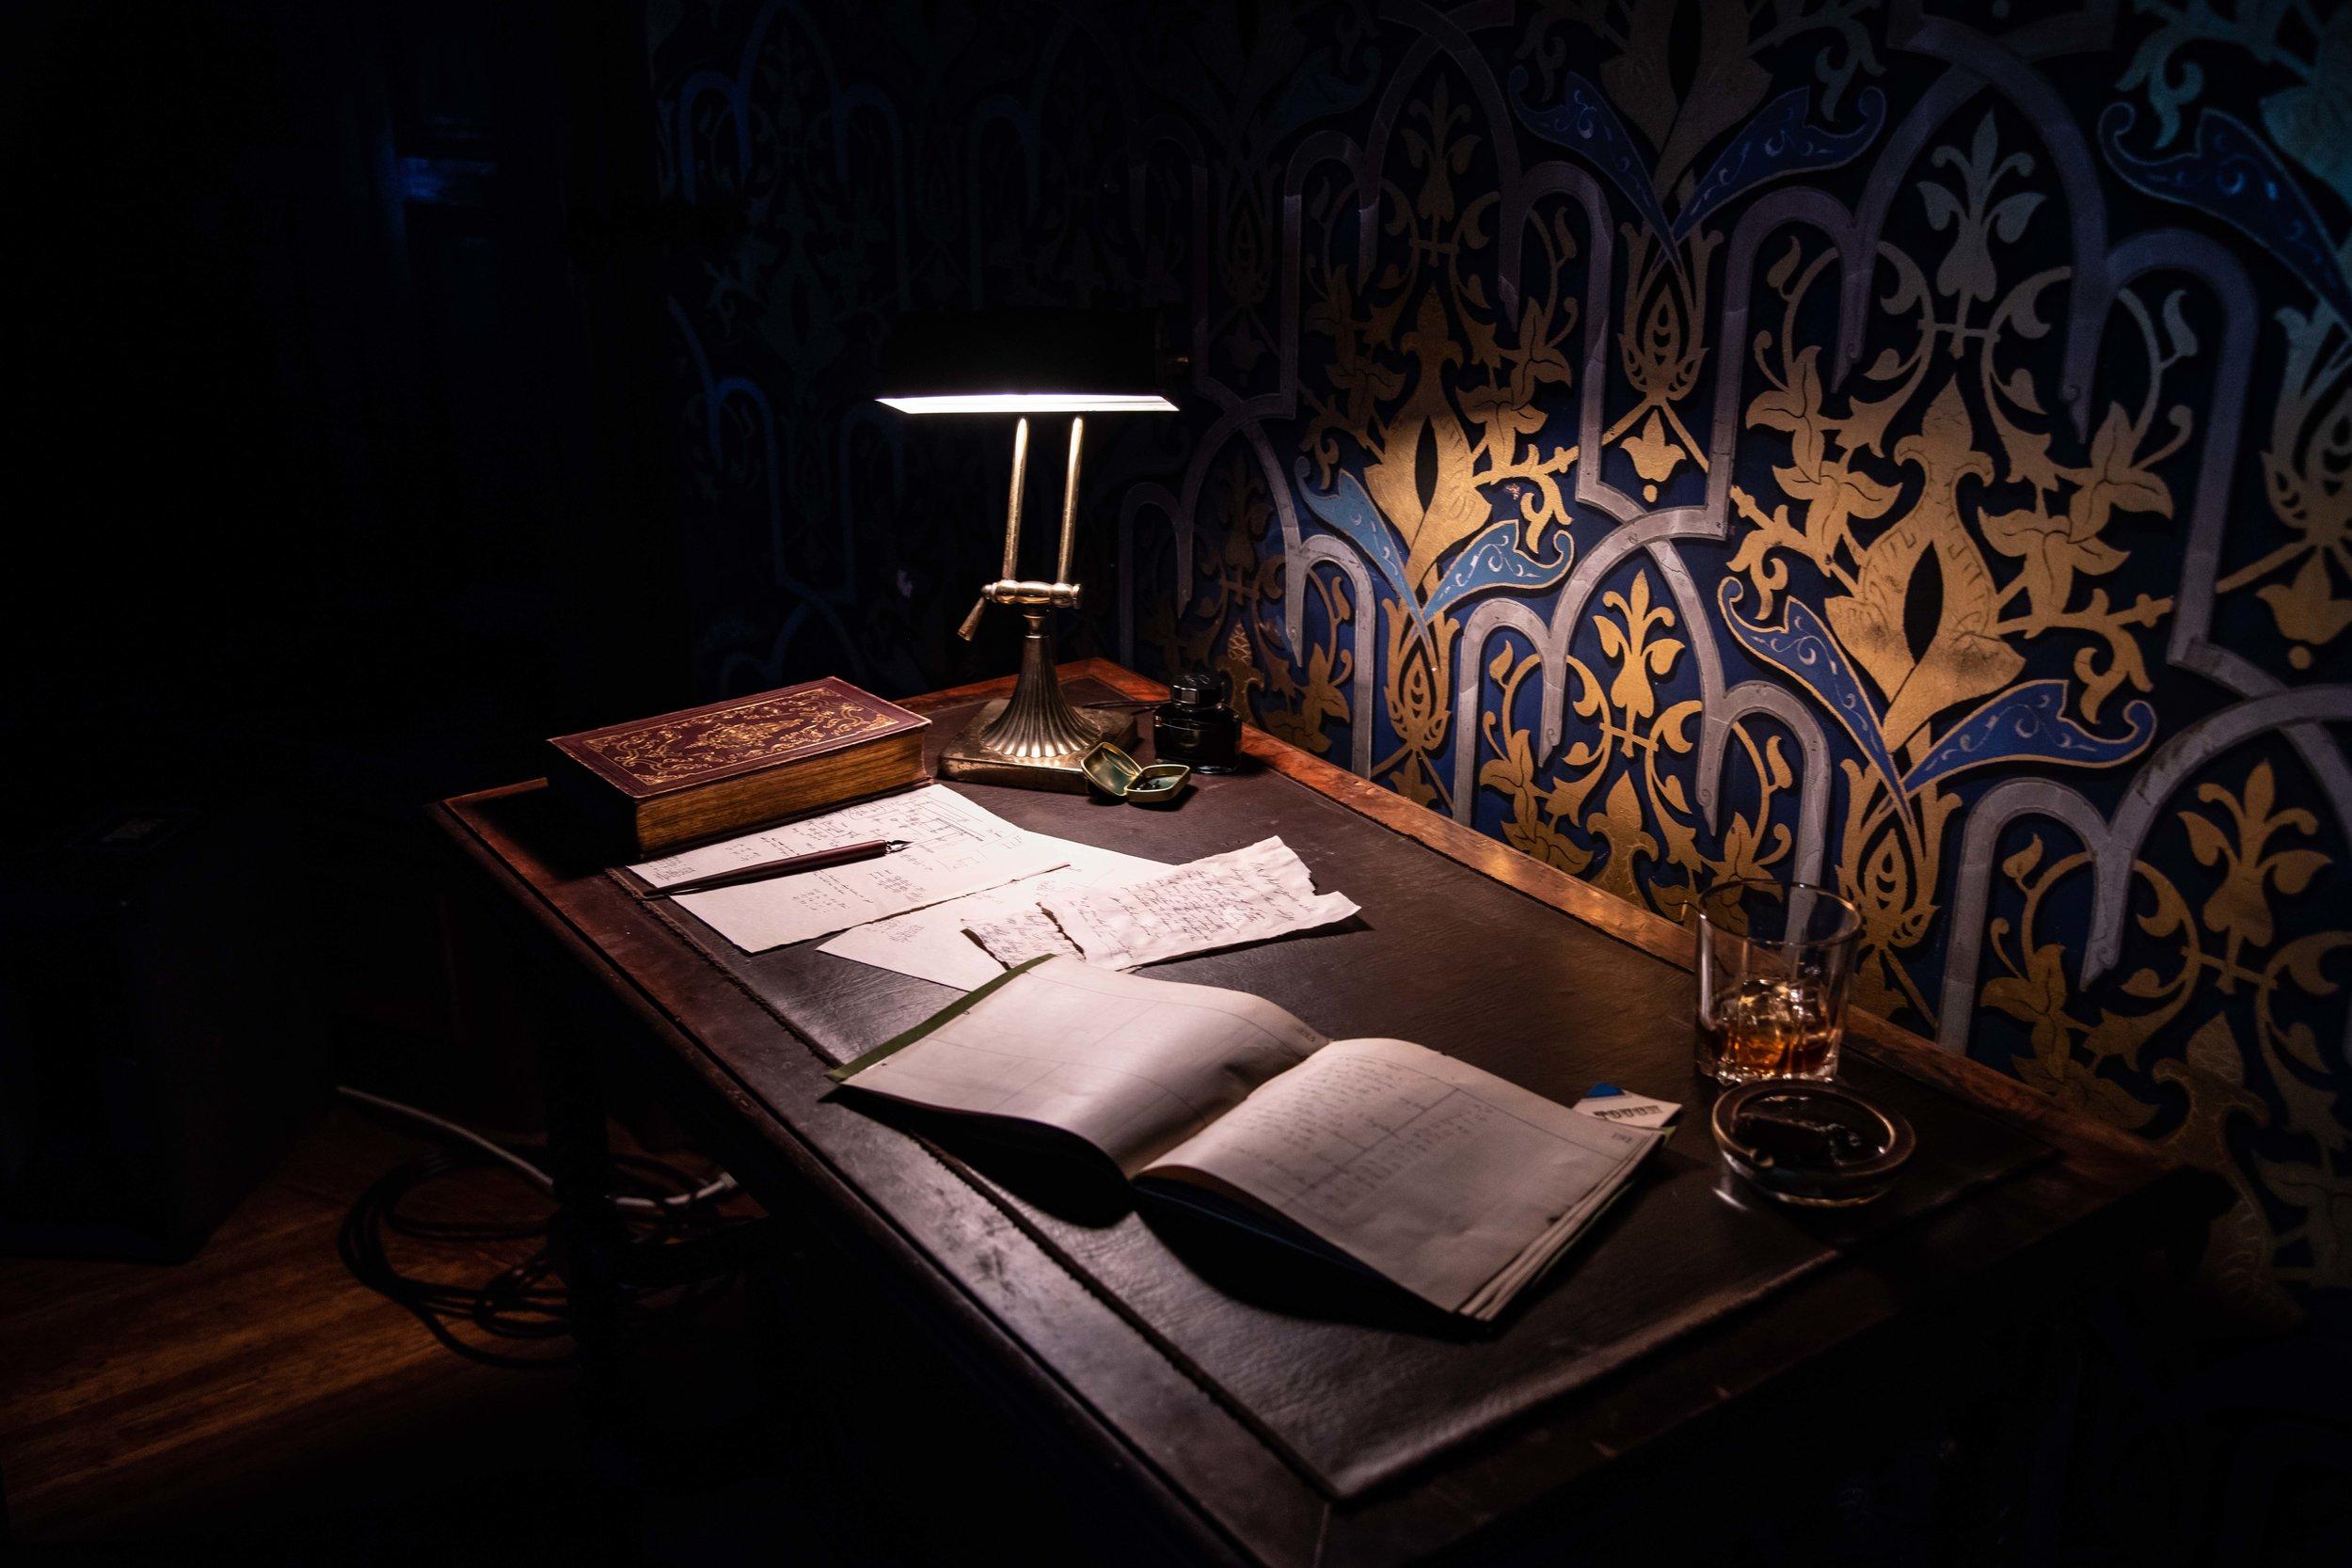 BttW-Desk_smaller.jpg